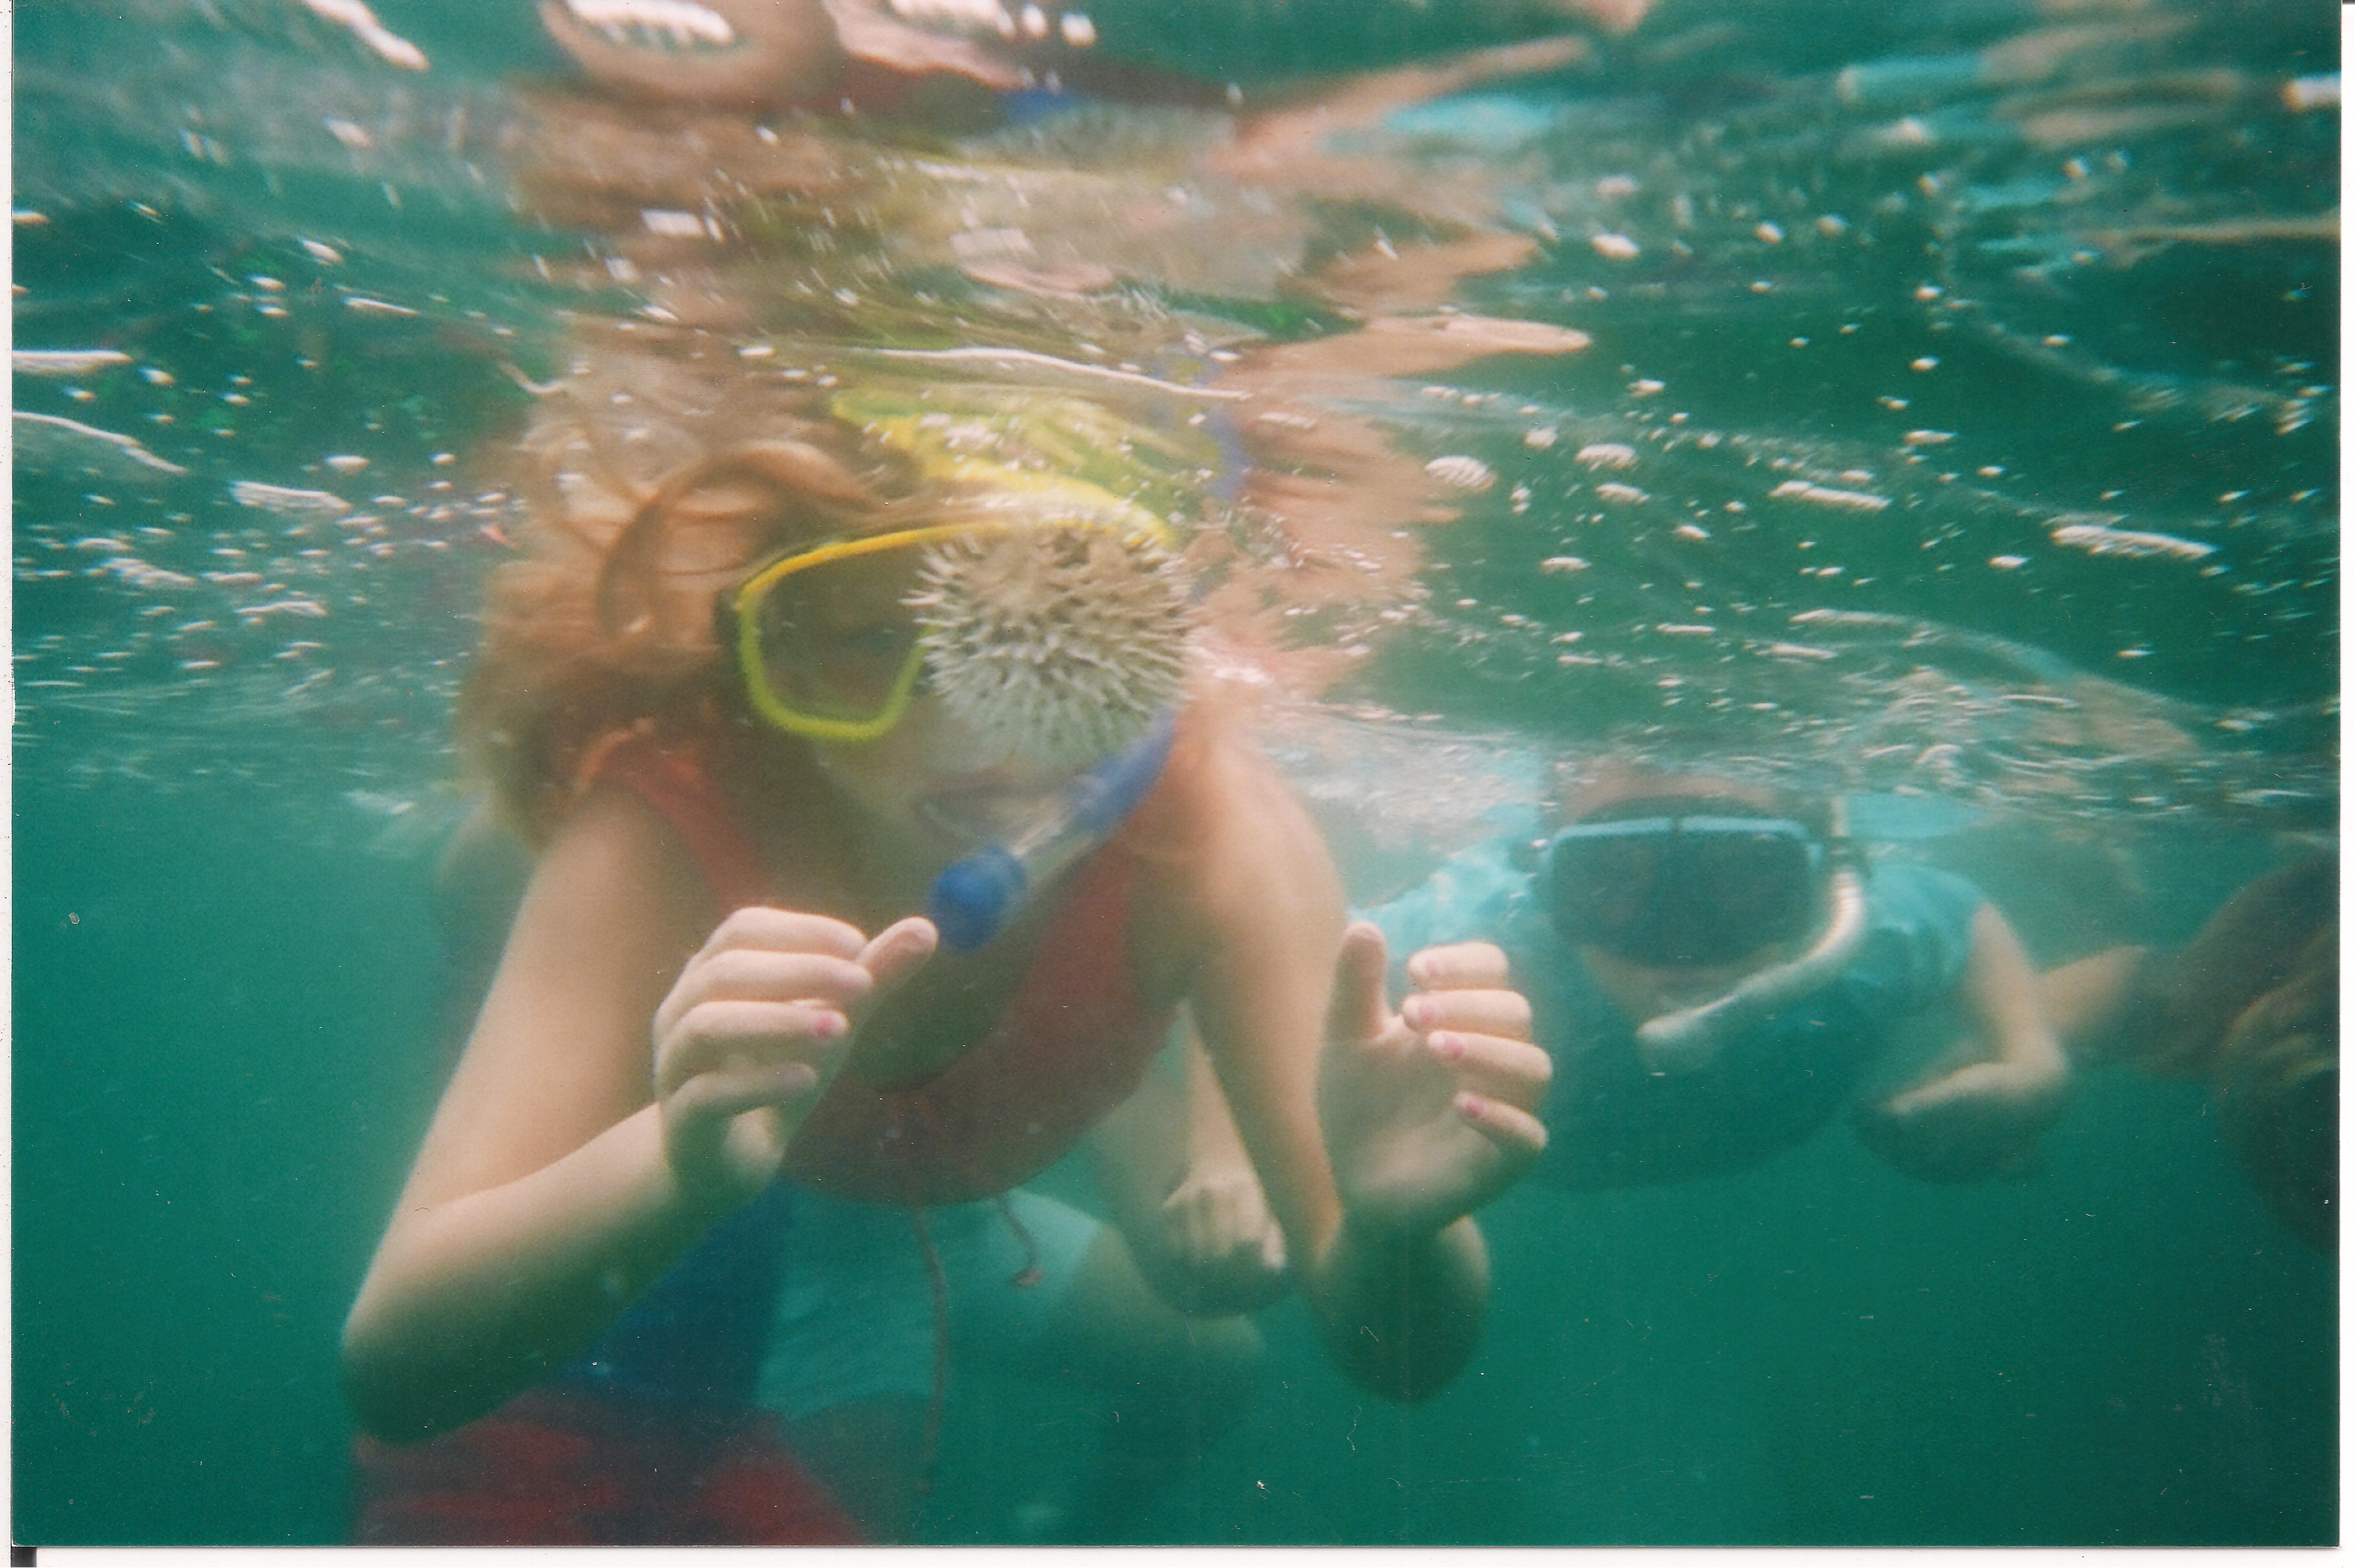 snorkeling_kids.jpg